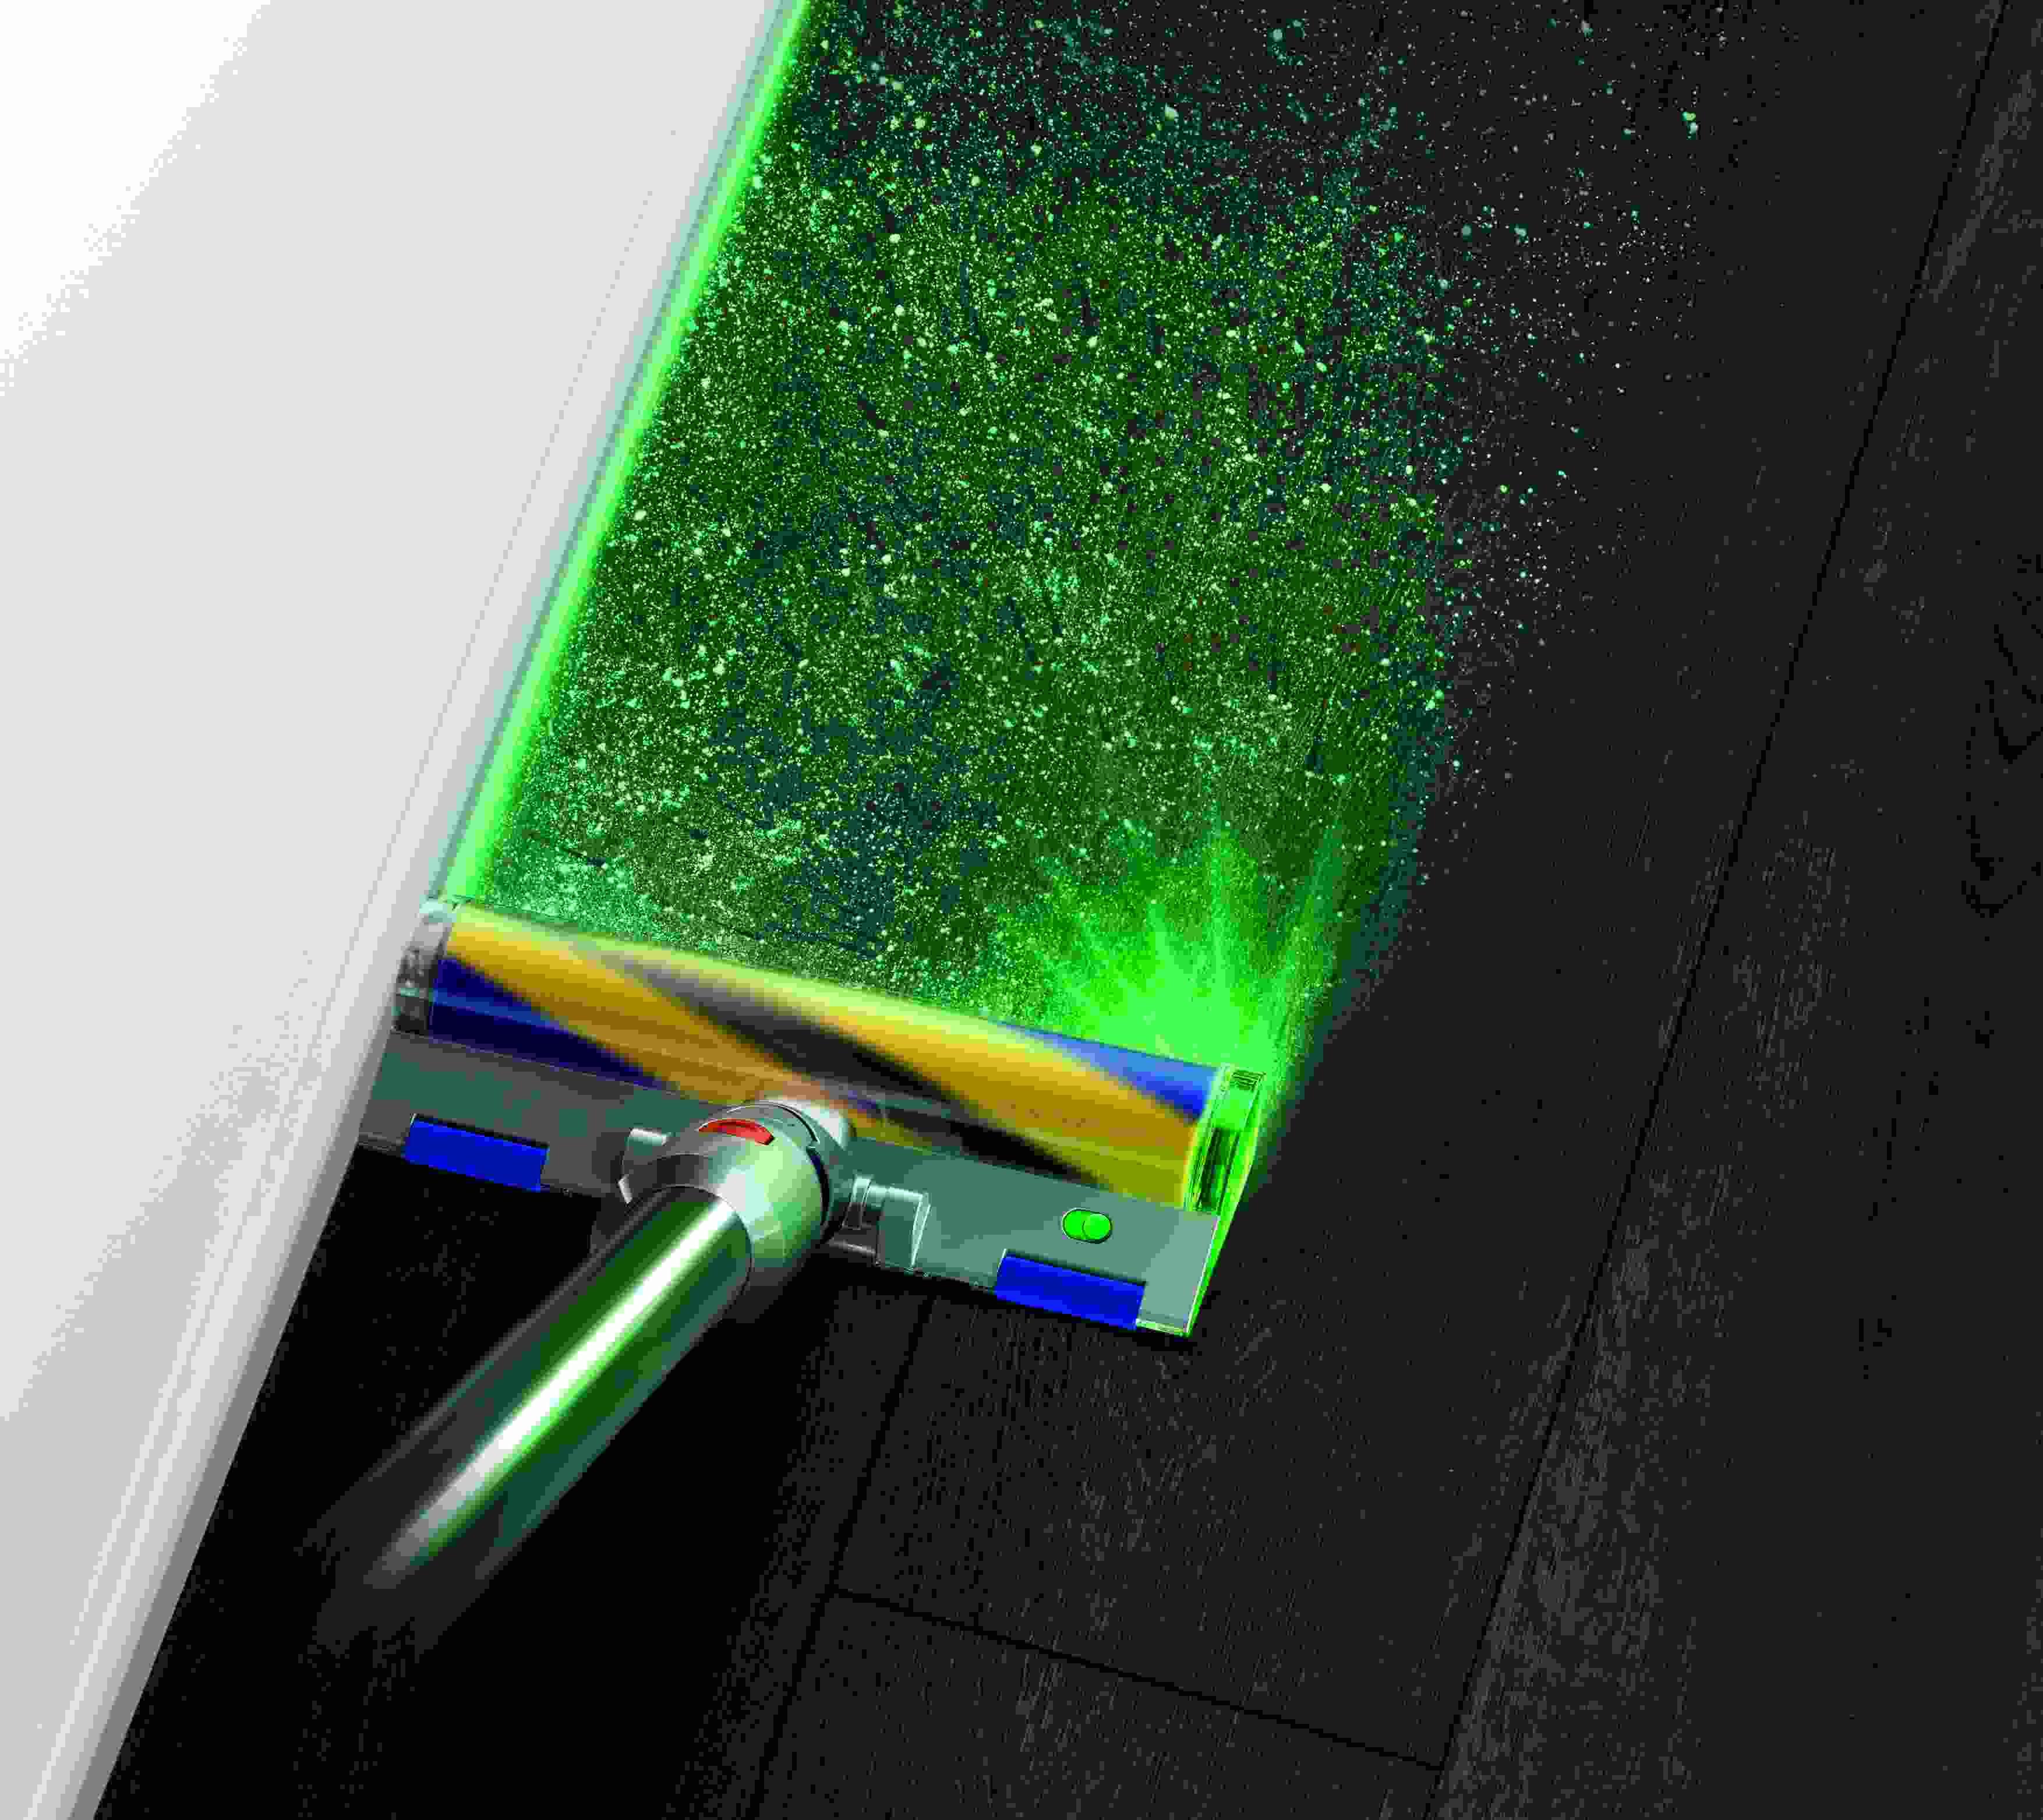 DysonV15Detect groen laser met sof